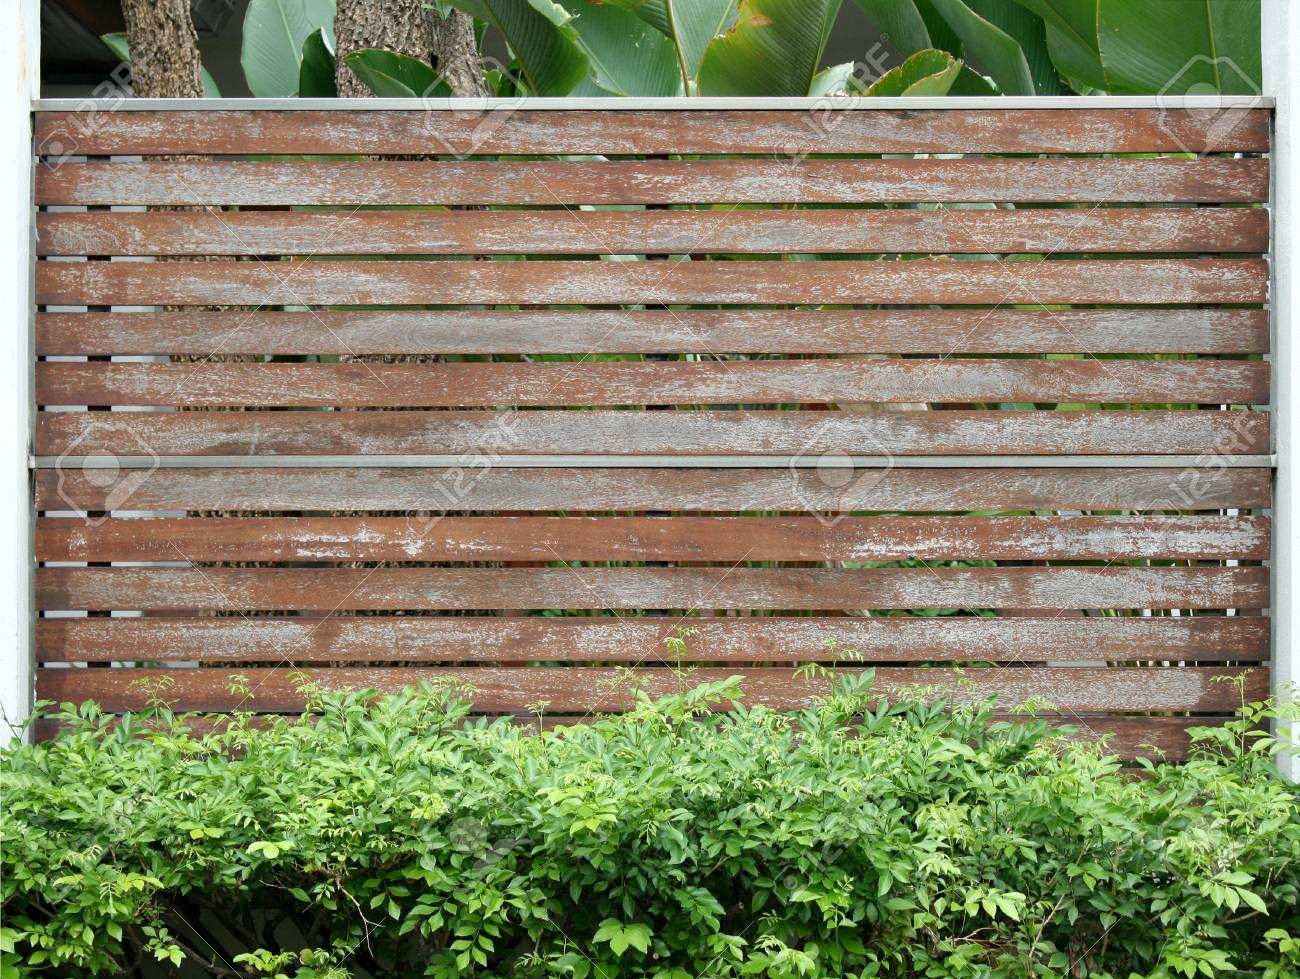 Alte Holzerne Braunen Zaun Wand Textur Als Hintergrund Lizenzfreie